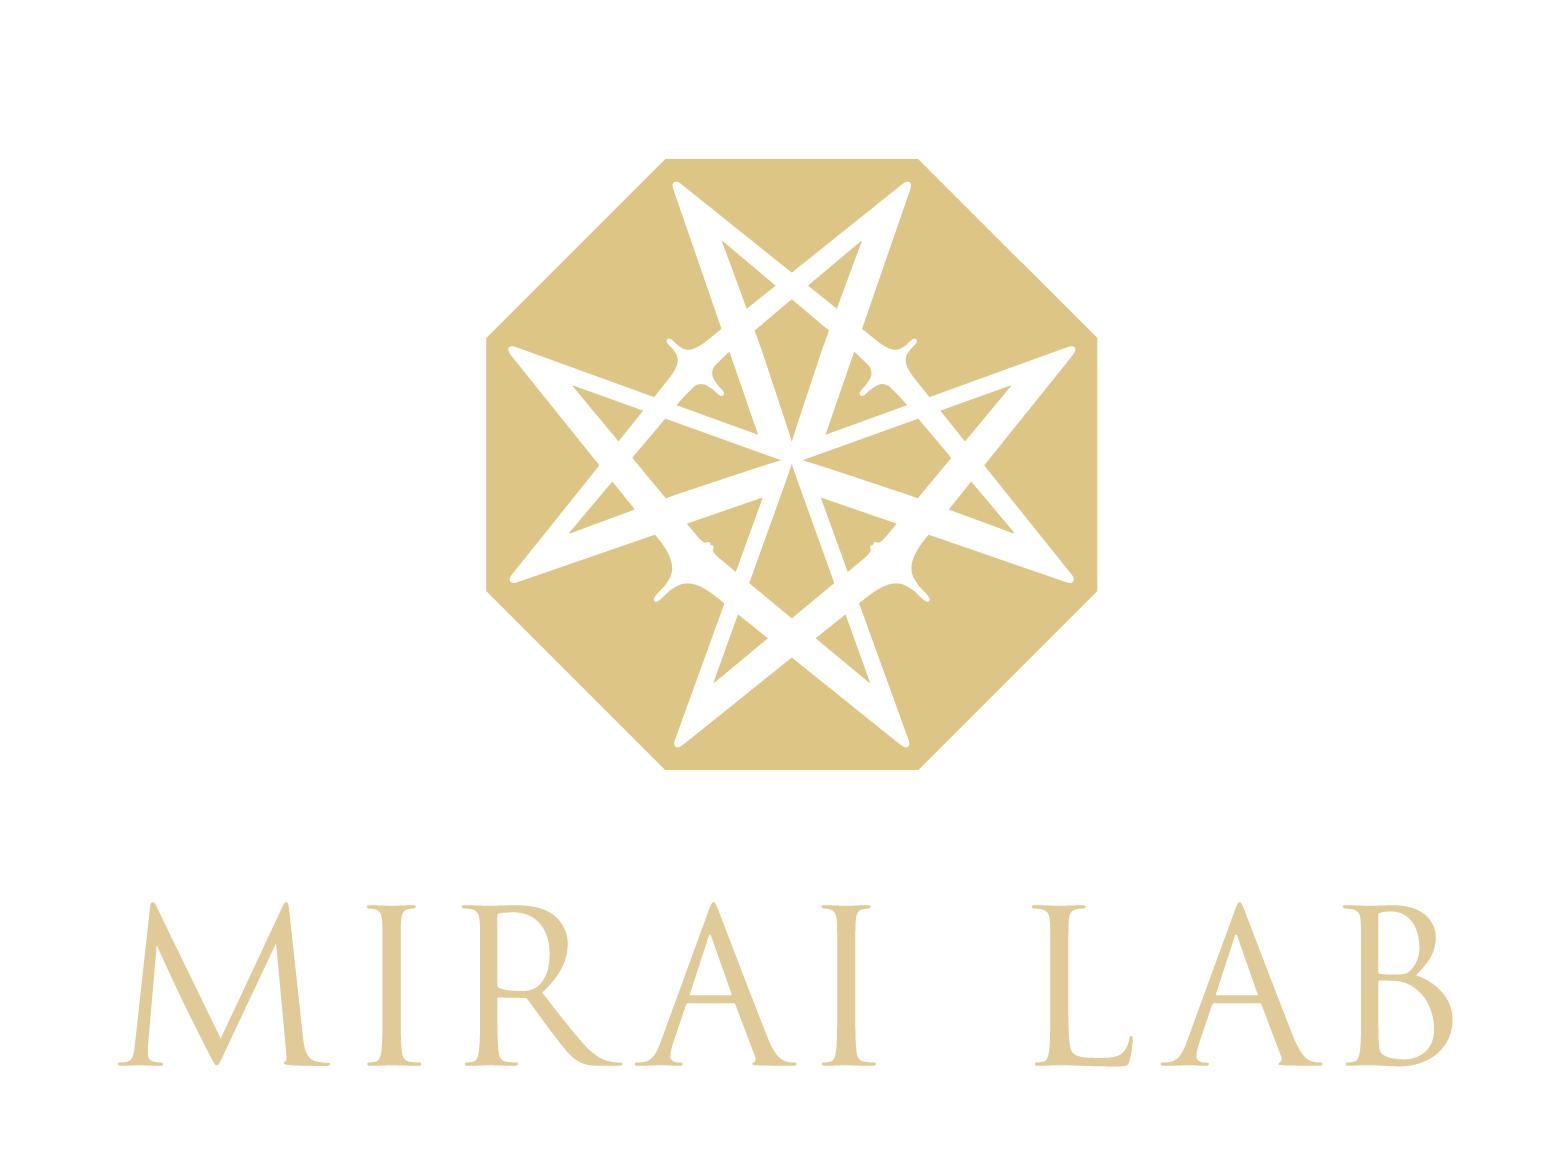 MIRAILAB